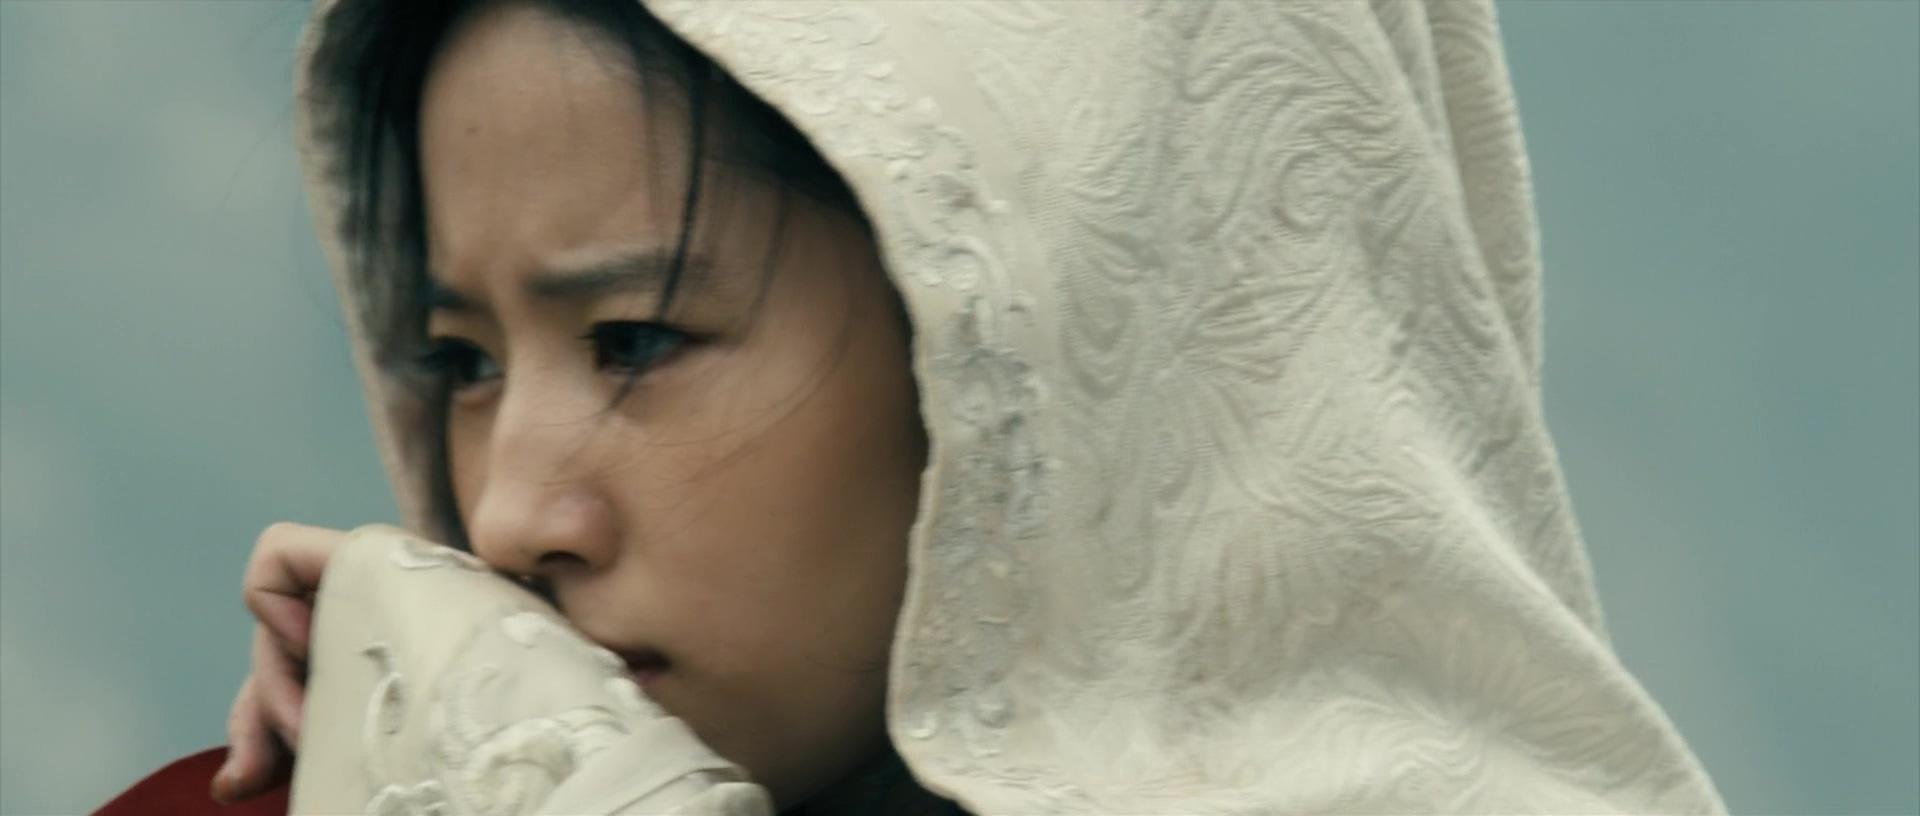 《绝命逃亡》剧照节选(2015.4.3)